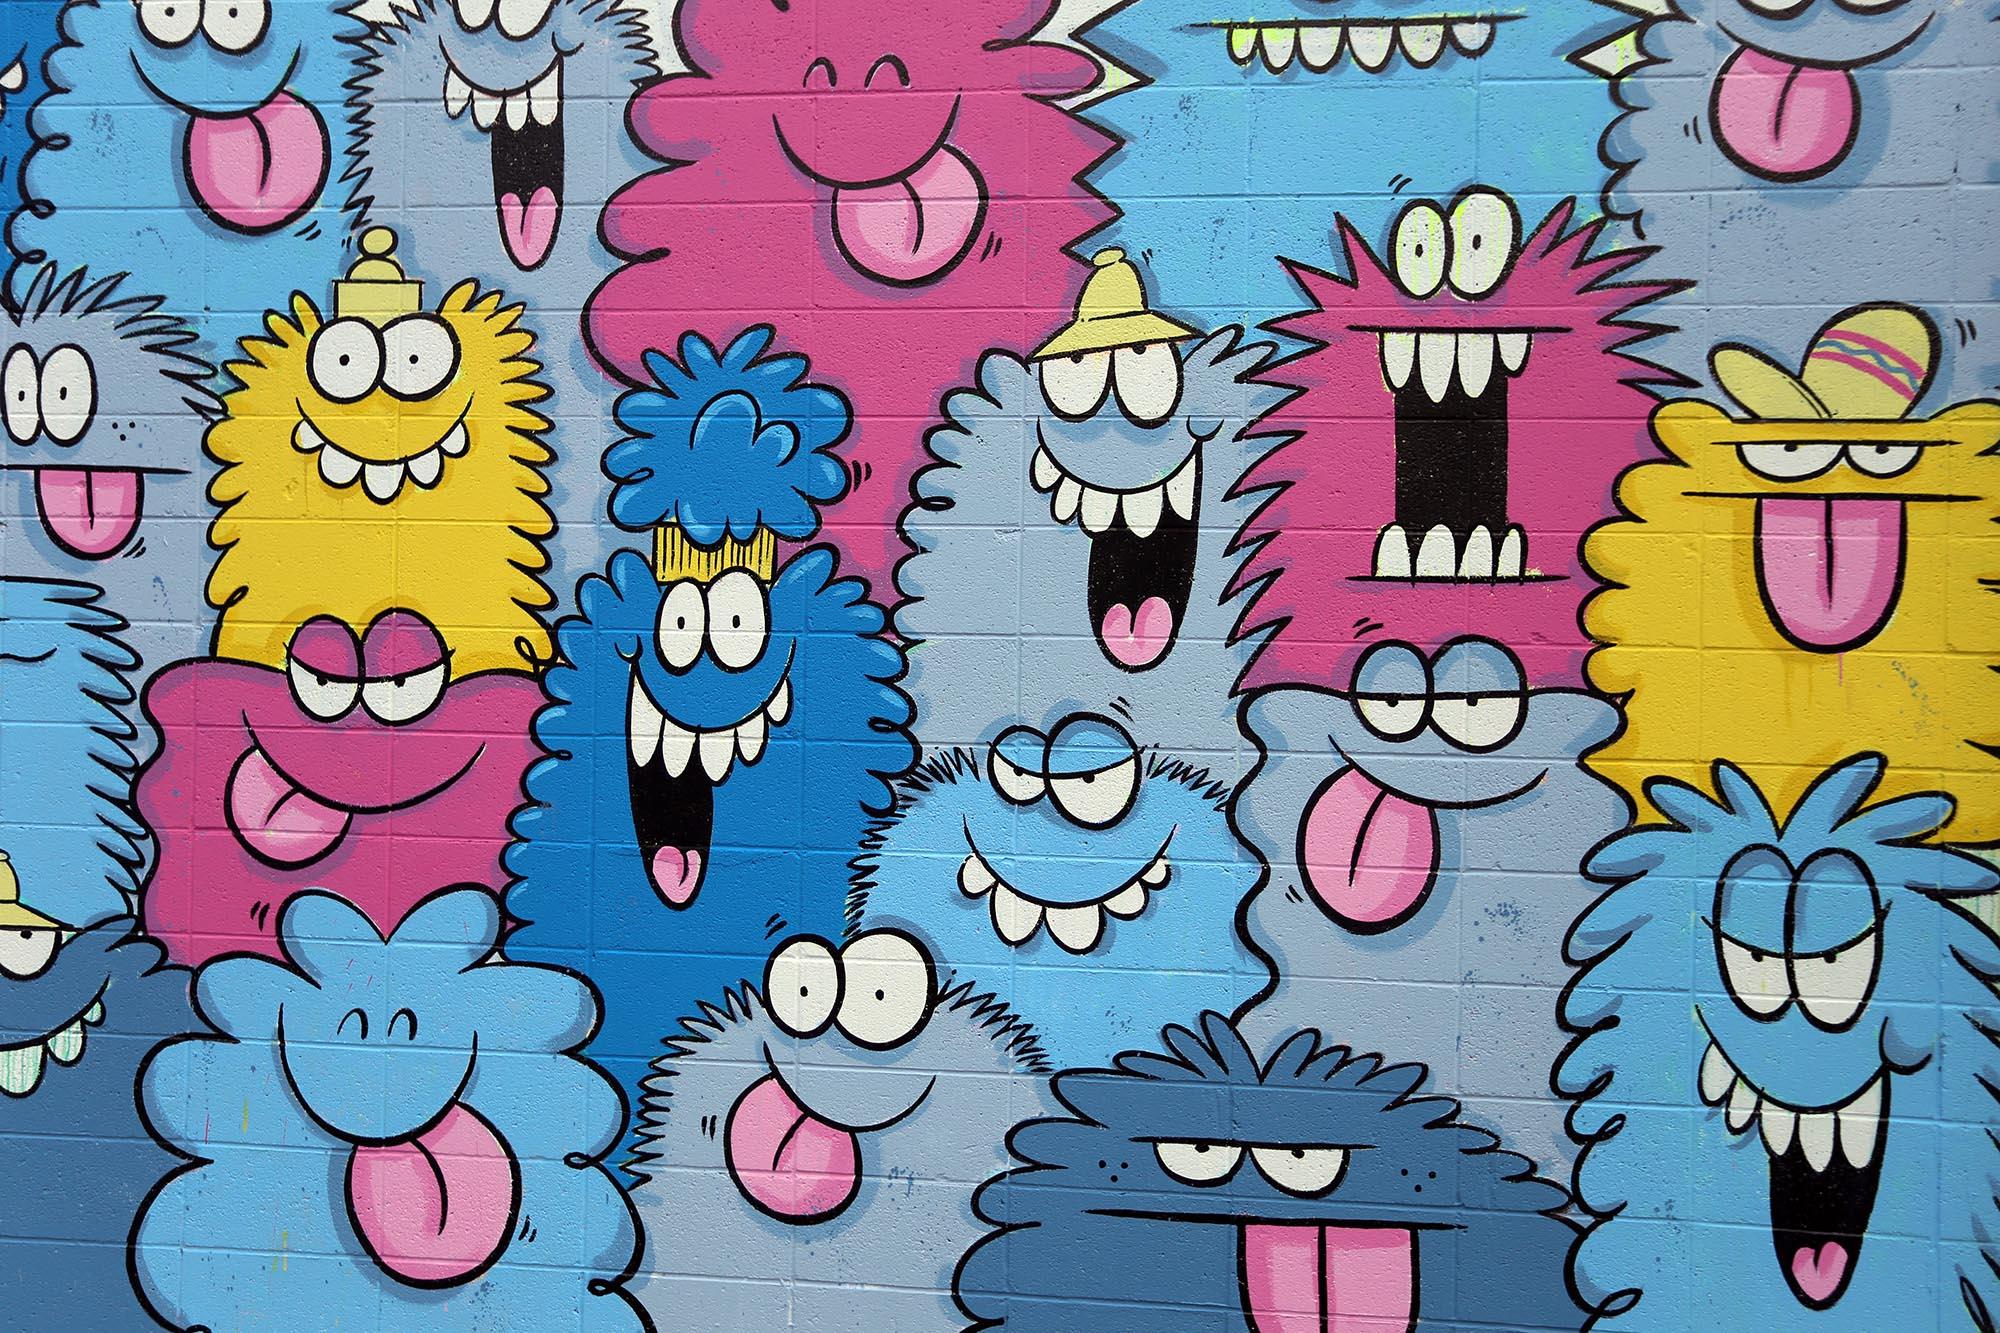 kevin lyons pow wow festival grafite mural 2016 (4)